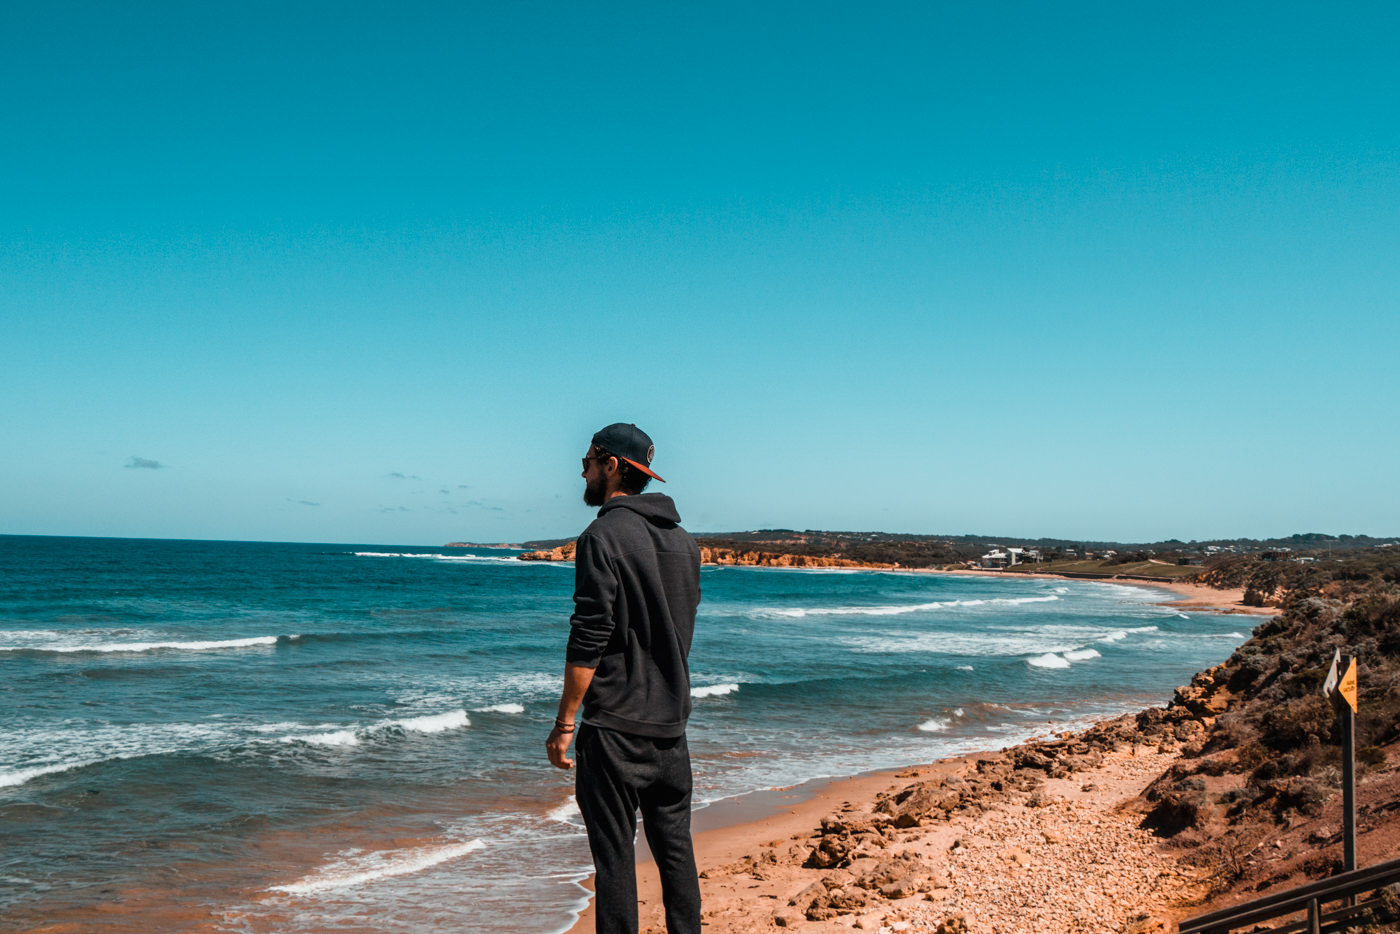 Matthias am Aussichtspunkt Jan Juc an der Great Ocean Road